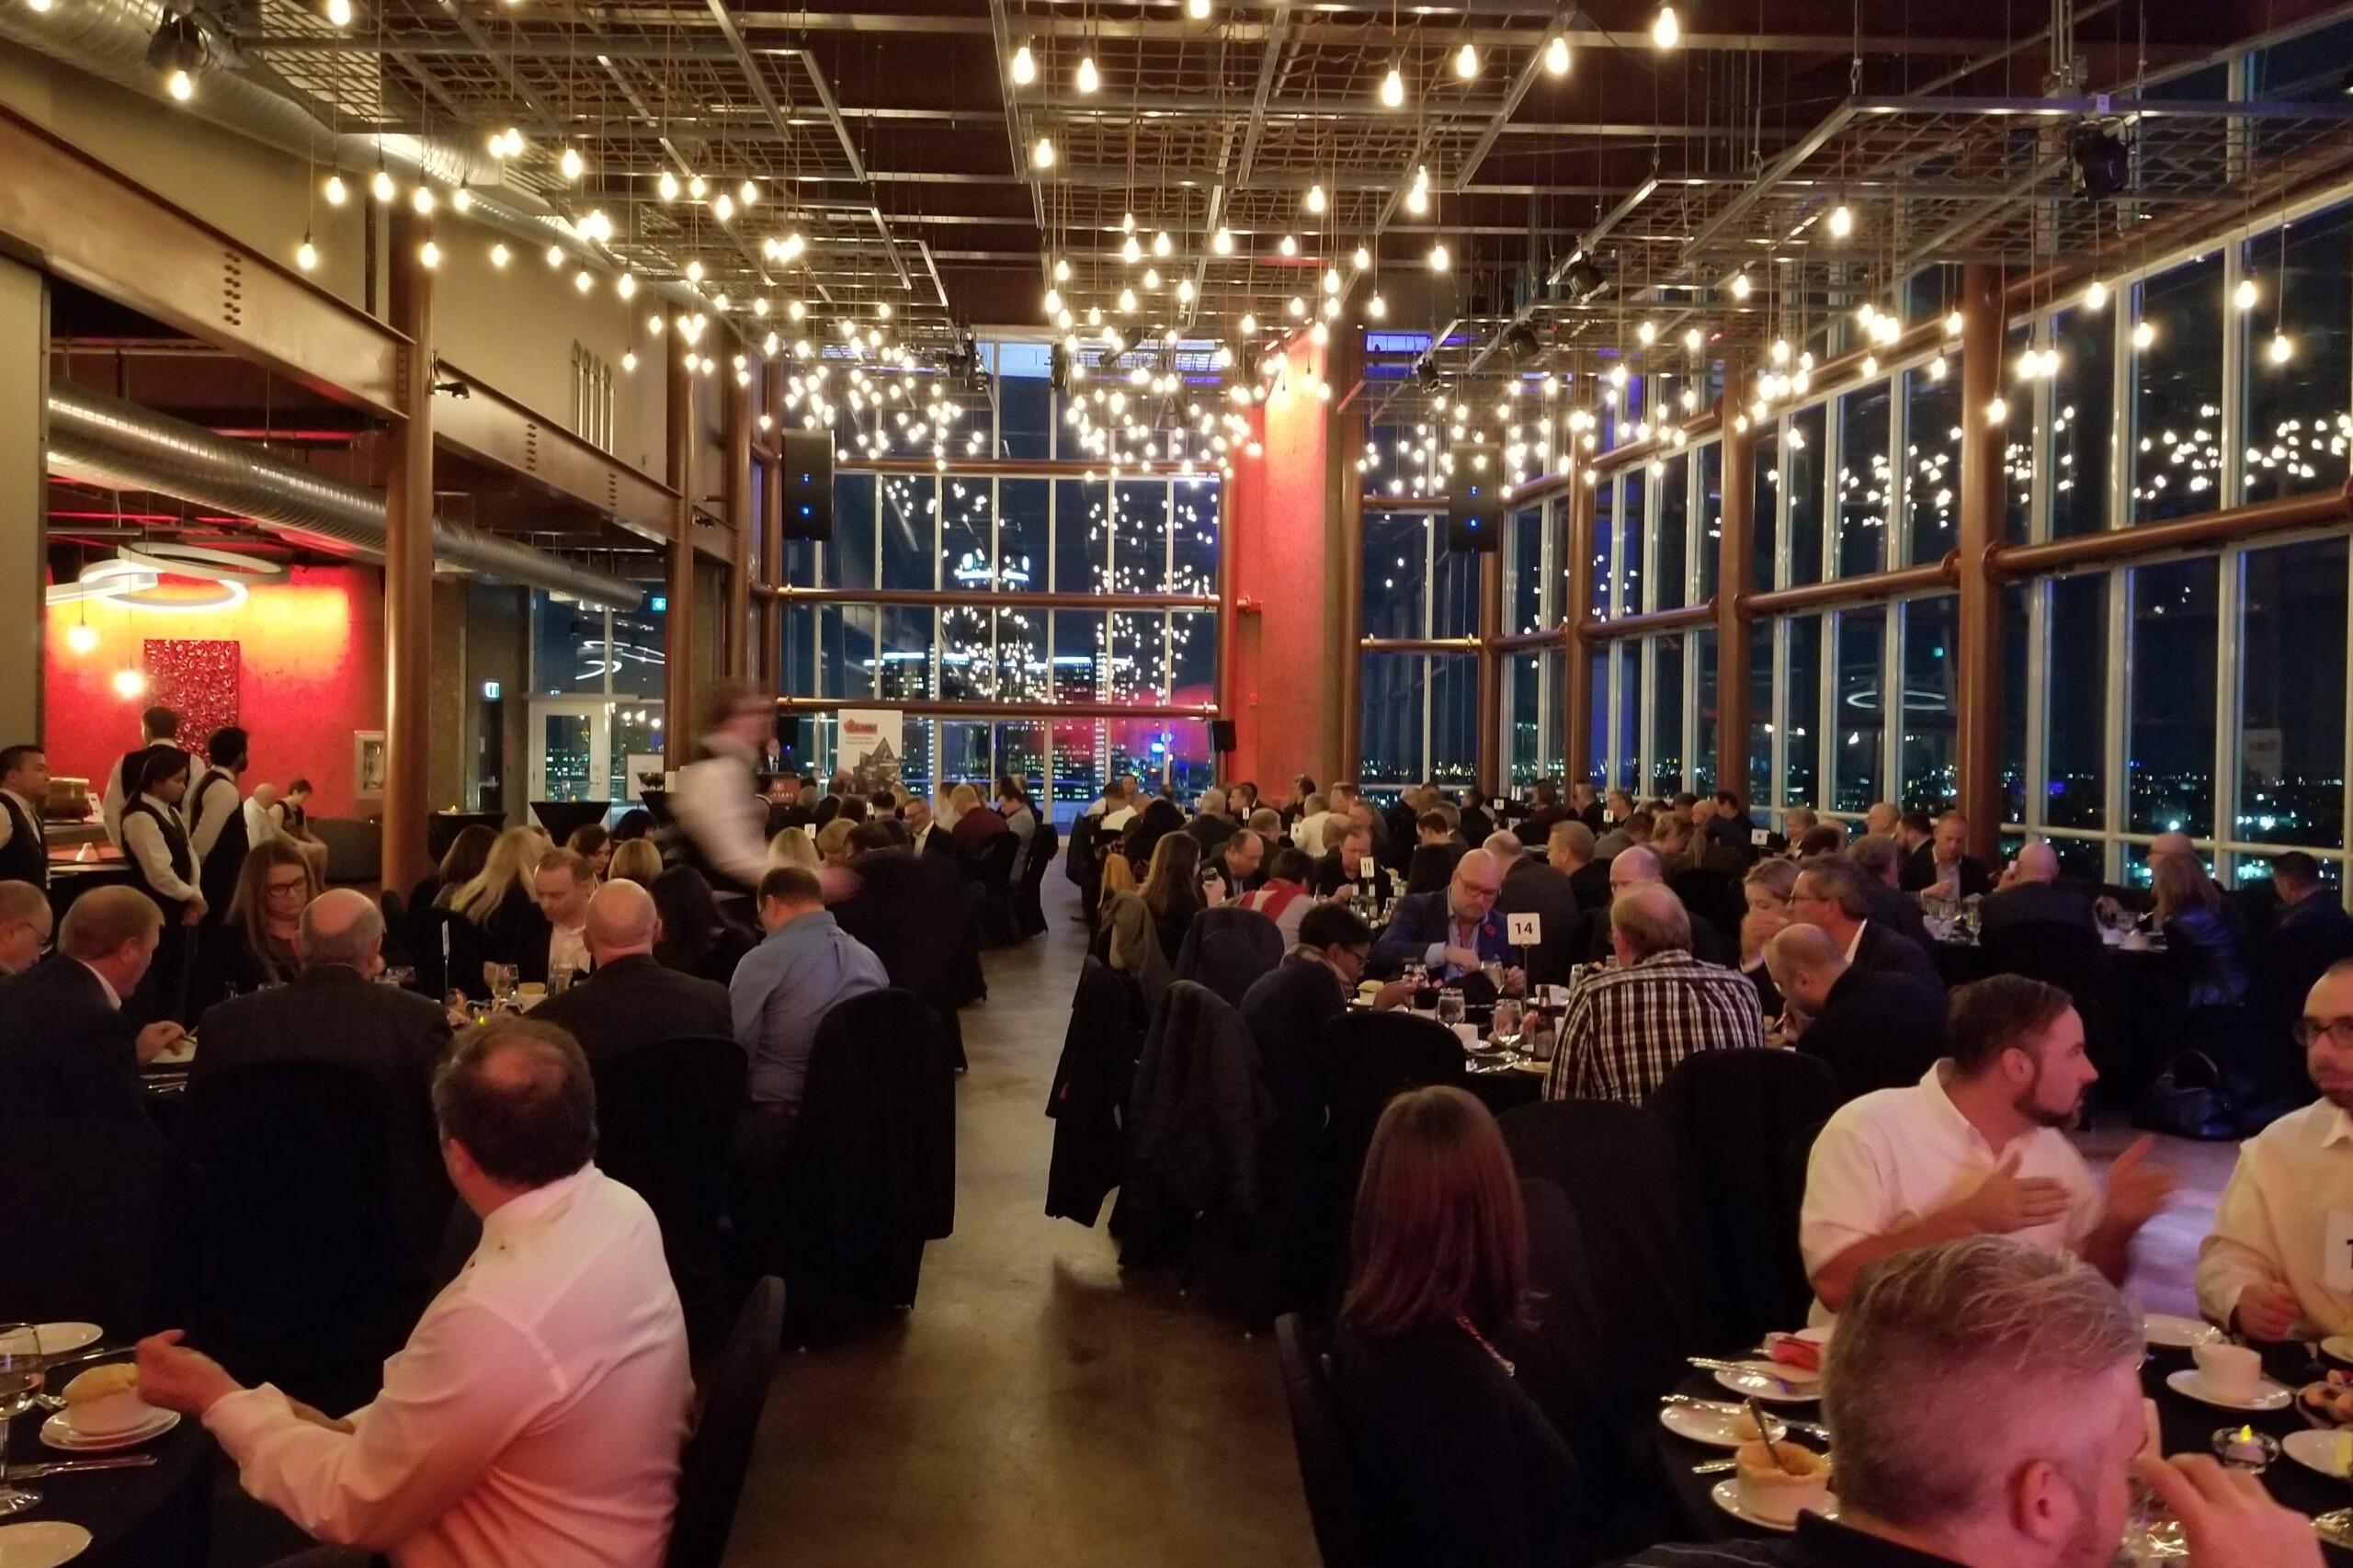 CAMM dinner Nov. 5, 2018 - packed room